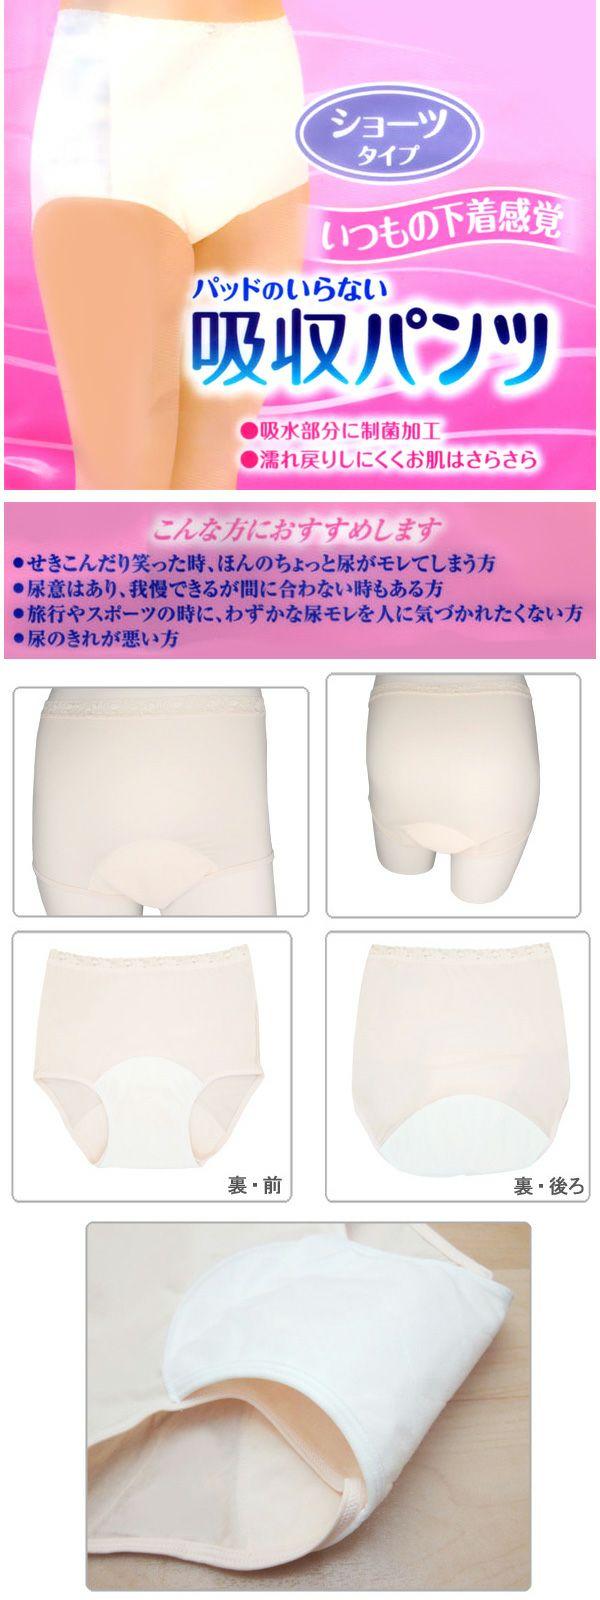 パッドのいらない吸水パンツ【ショーツタイプ】【パッド部15cc】【LL】